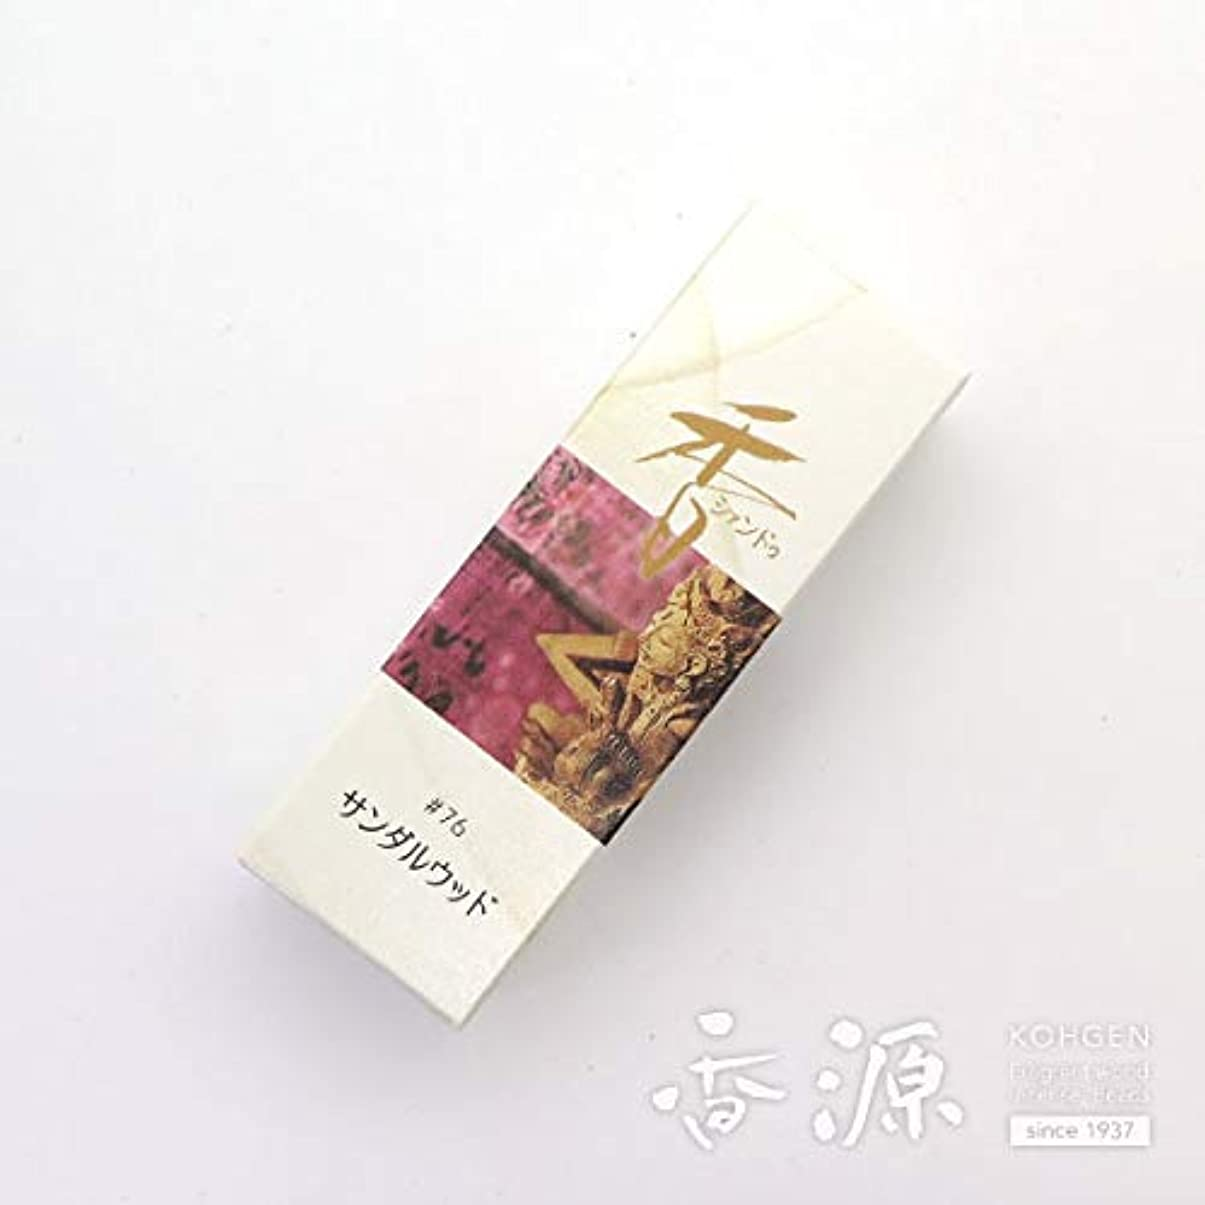 色収益真面目な松栄堂のお香 Xiang Do サンダルウッド ST20本入 簡易香立付 #214276